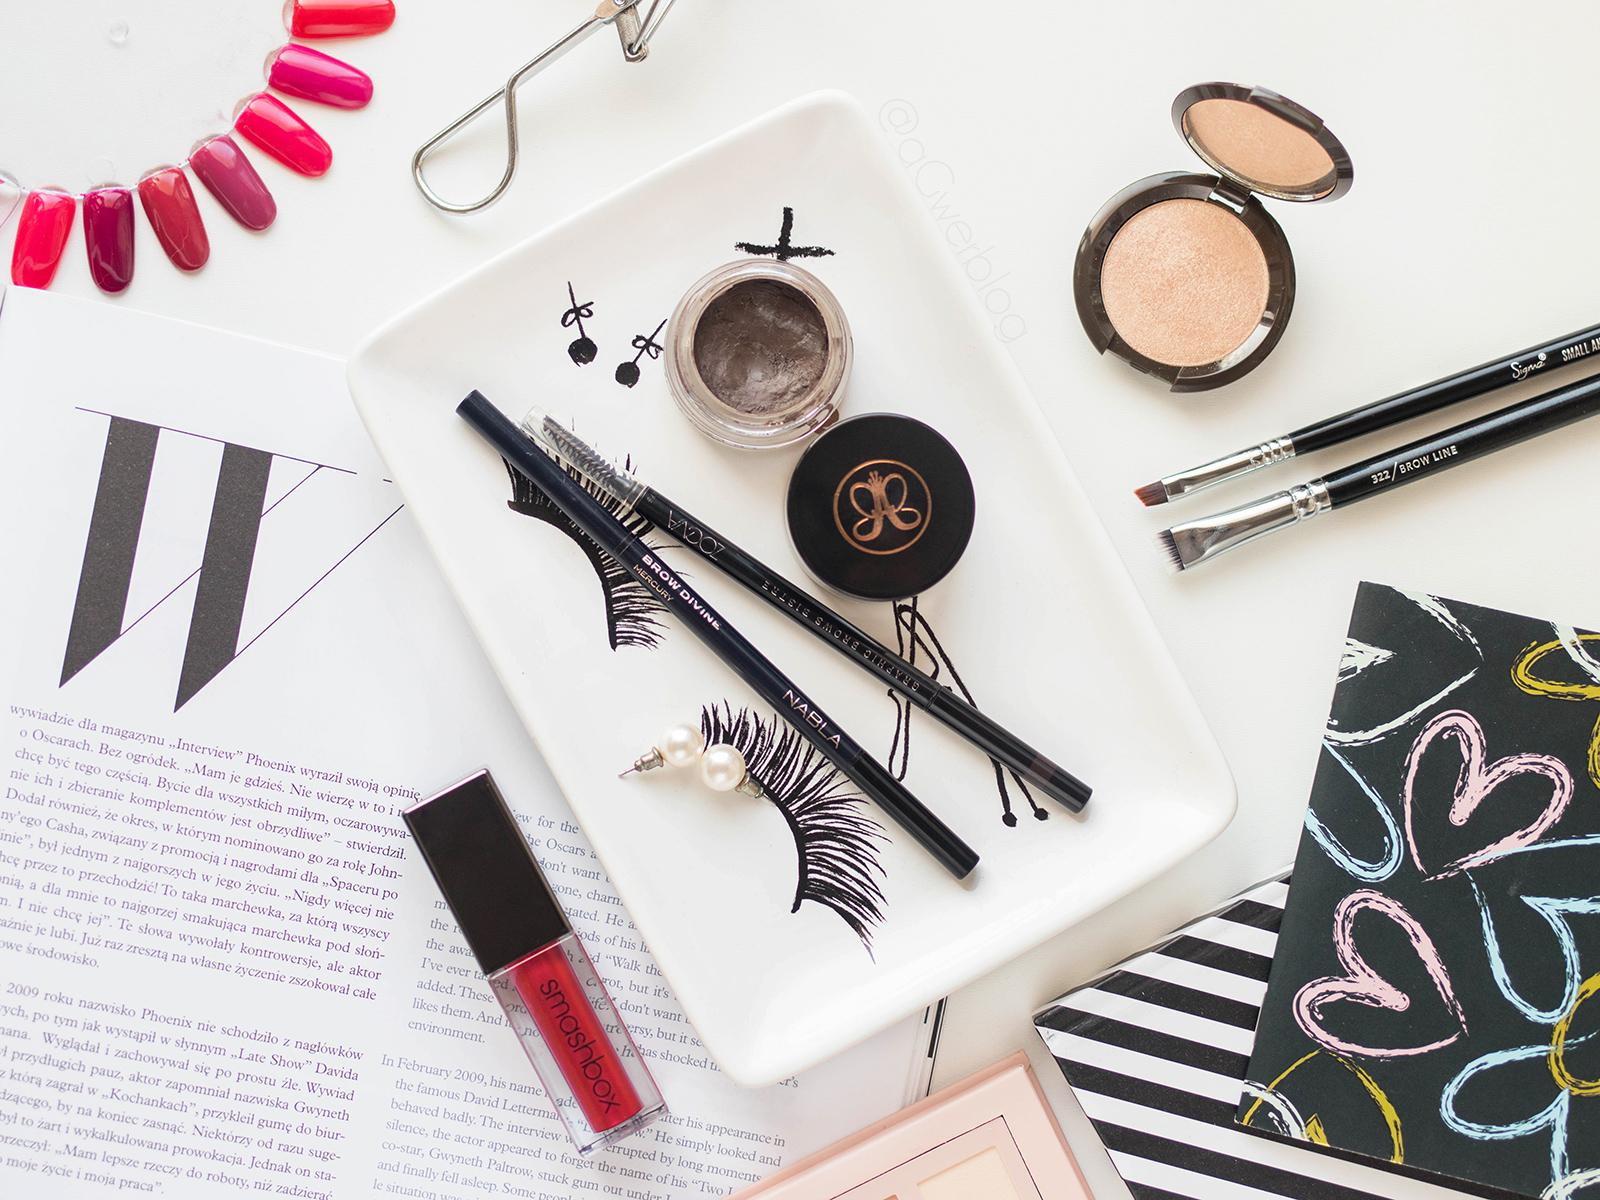 Jak malować brwi ombre? | Instrukcja krok po kroku